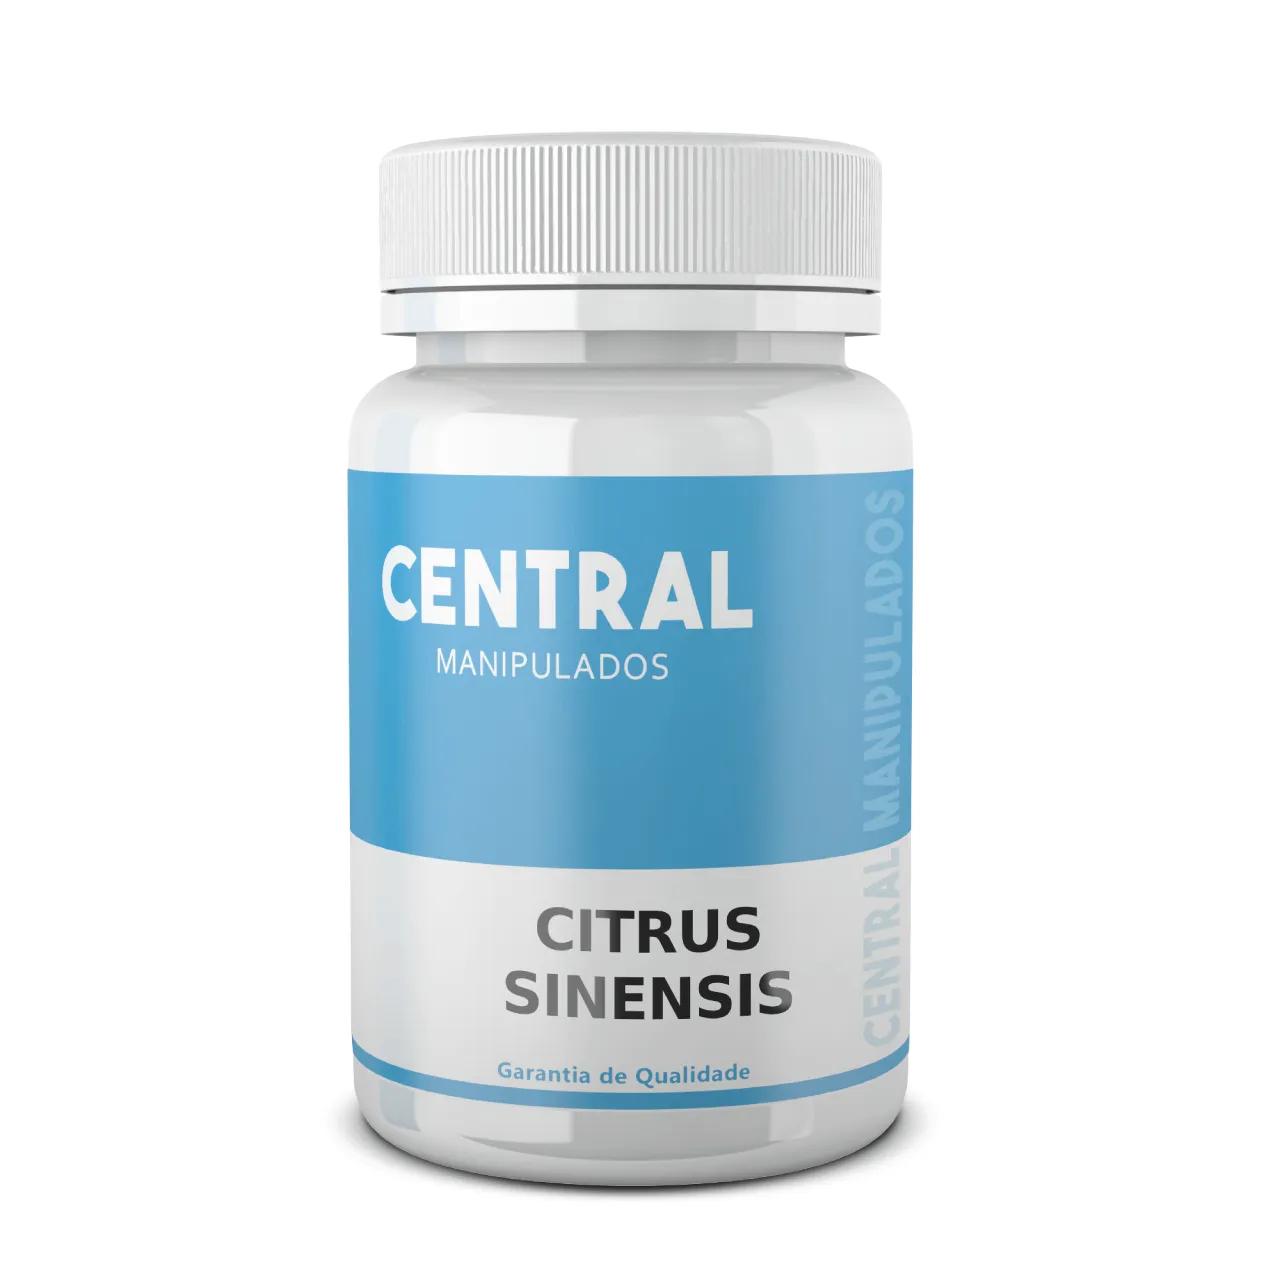 Citrus Sinensis (Laranja Moro) 500mg - 60 cápsulas - Emagrecimento, Redução do colesterol e triglicerídeos